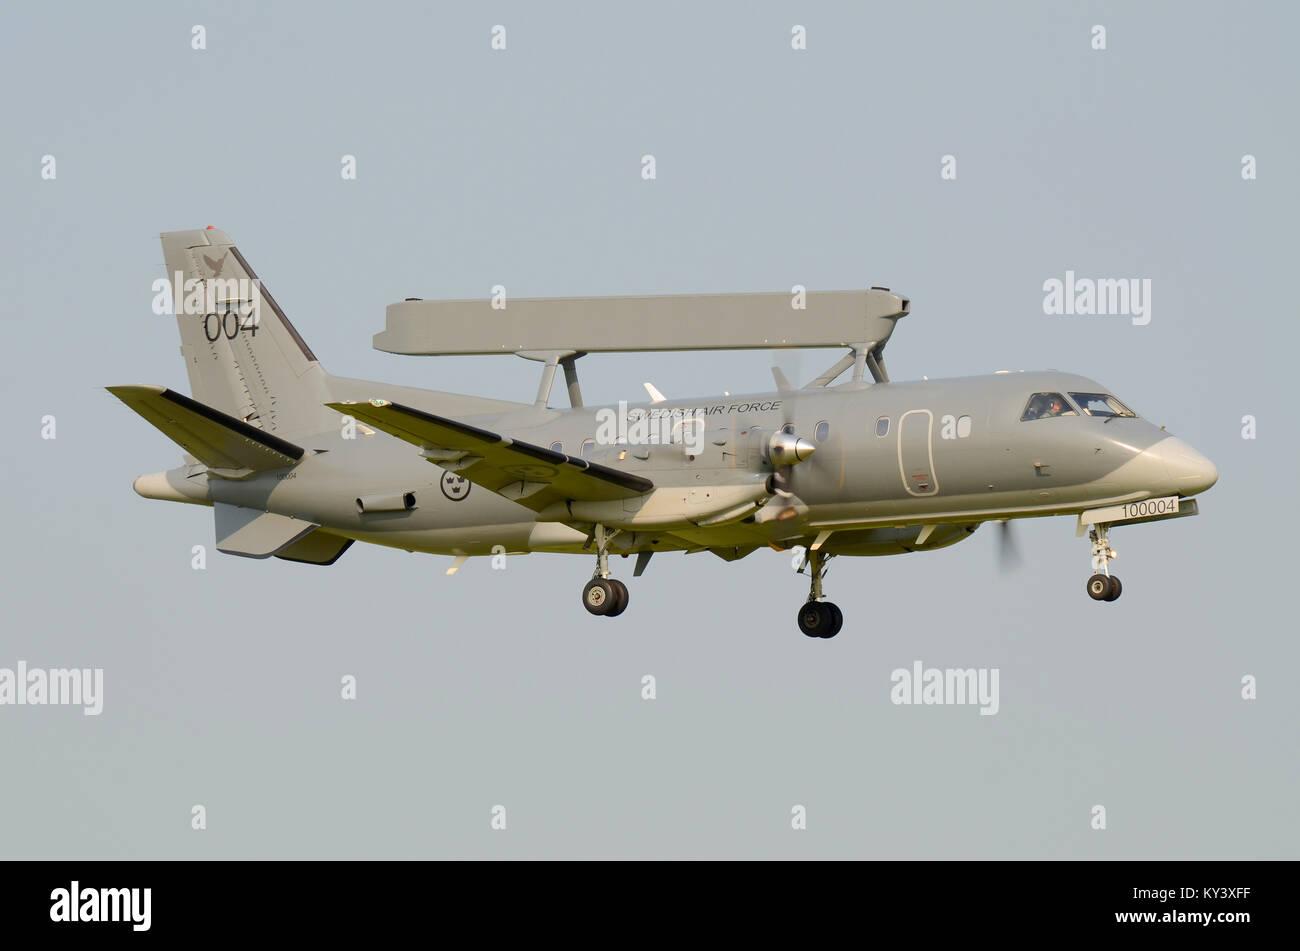 Armée de l'air suédoise Saab 340 AEW&C S100B Argus 100004 (CN 395) Système aéroporté Photo Stock